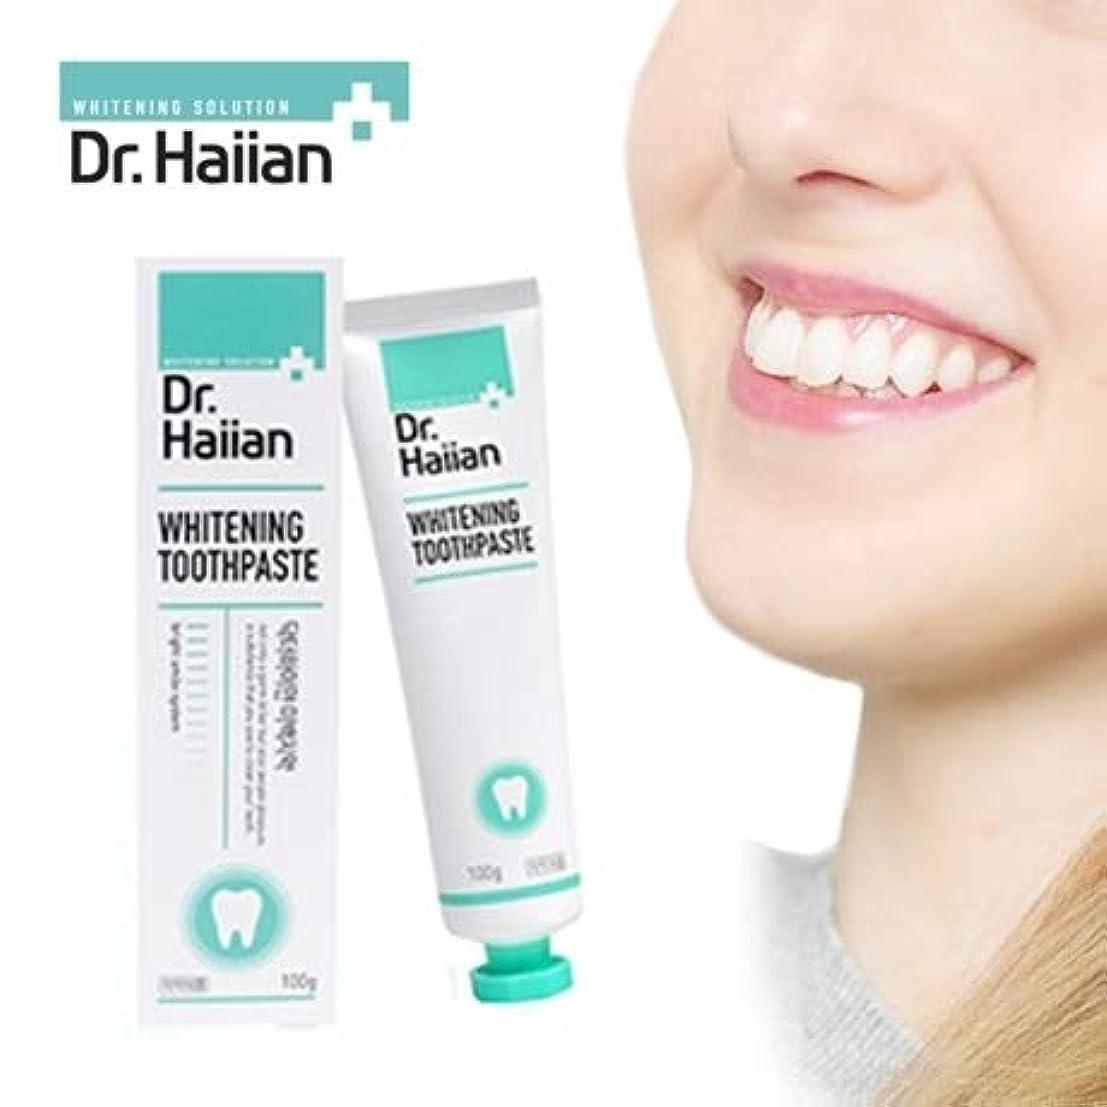 現在ビール親愛なDr.Haiian WHITENING TOOTHPASTE ホワイトニング歯磨き粉 100g